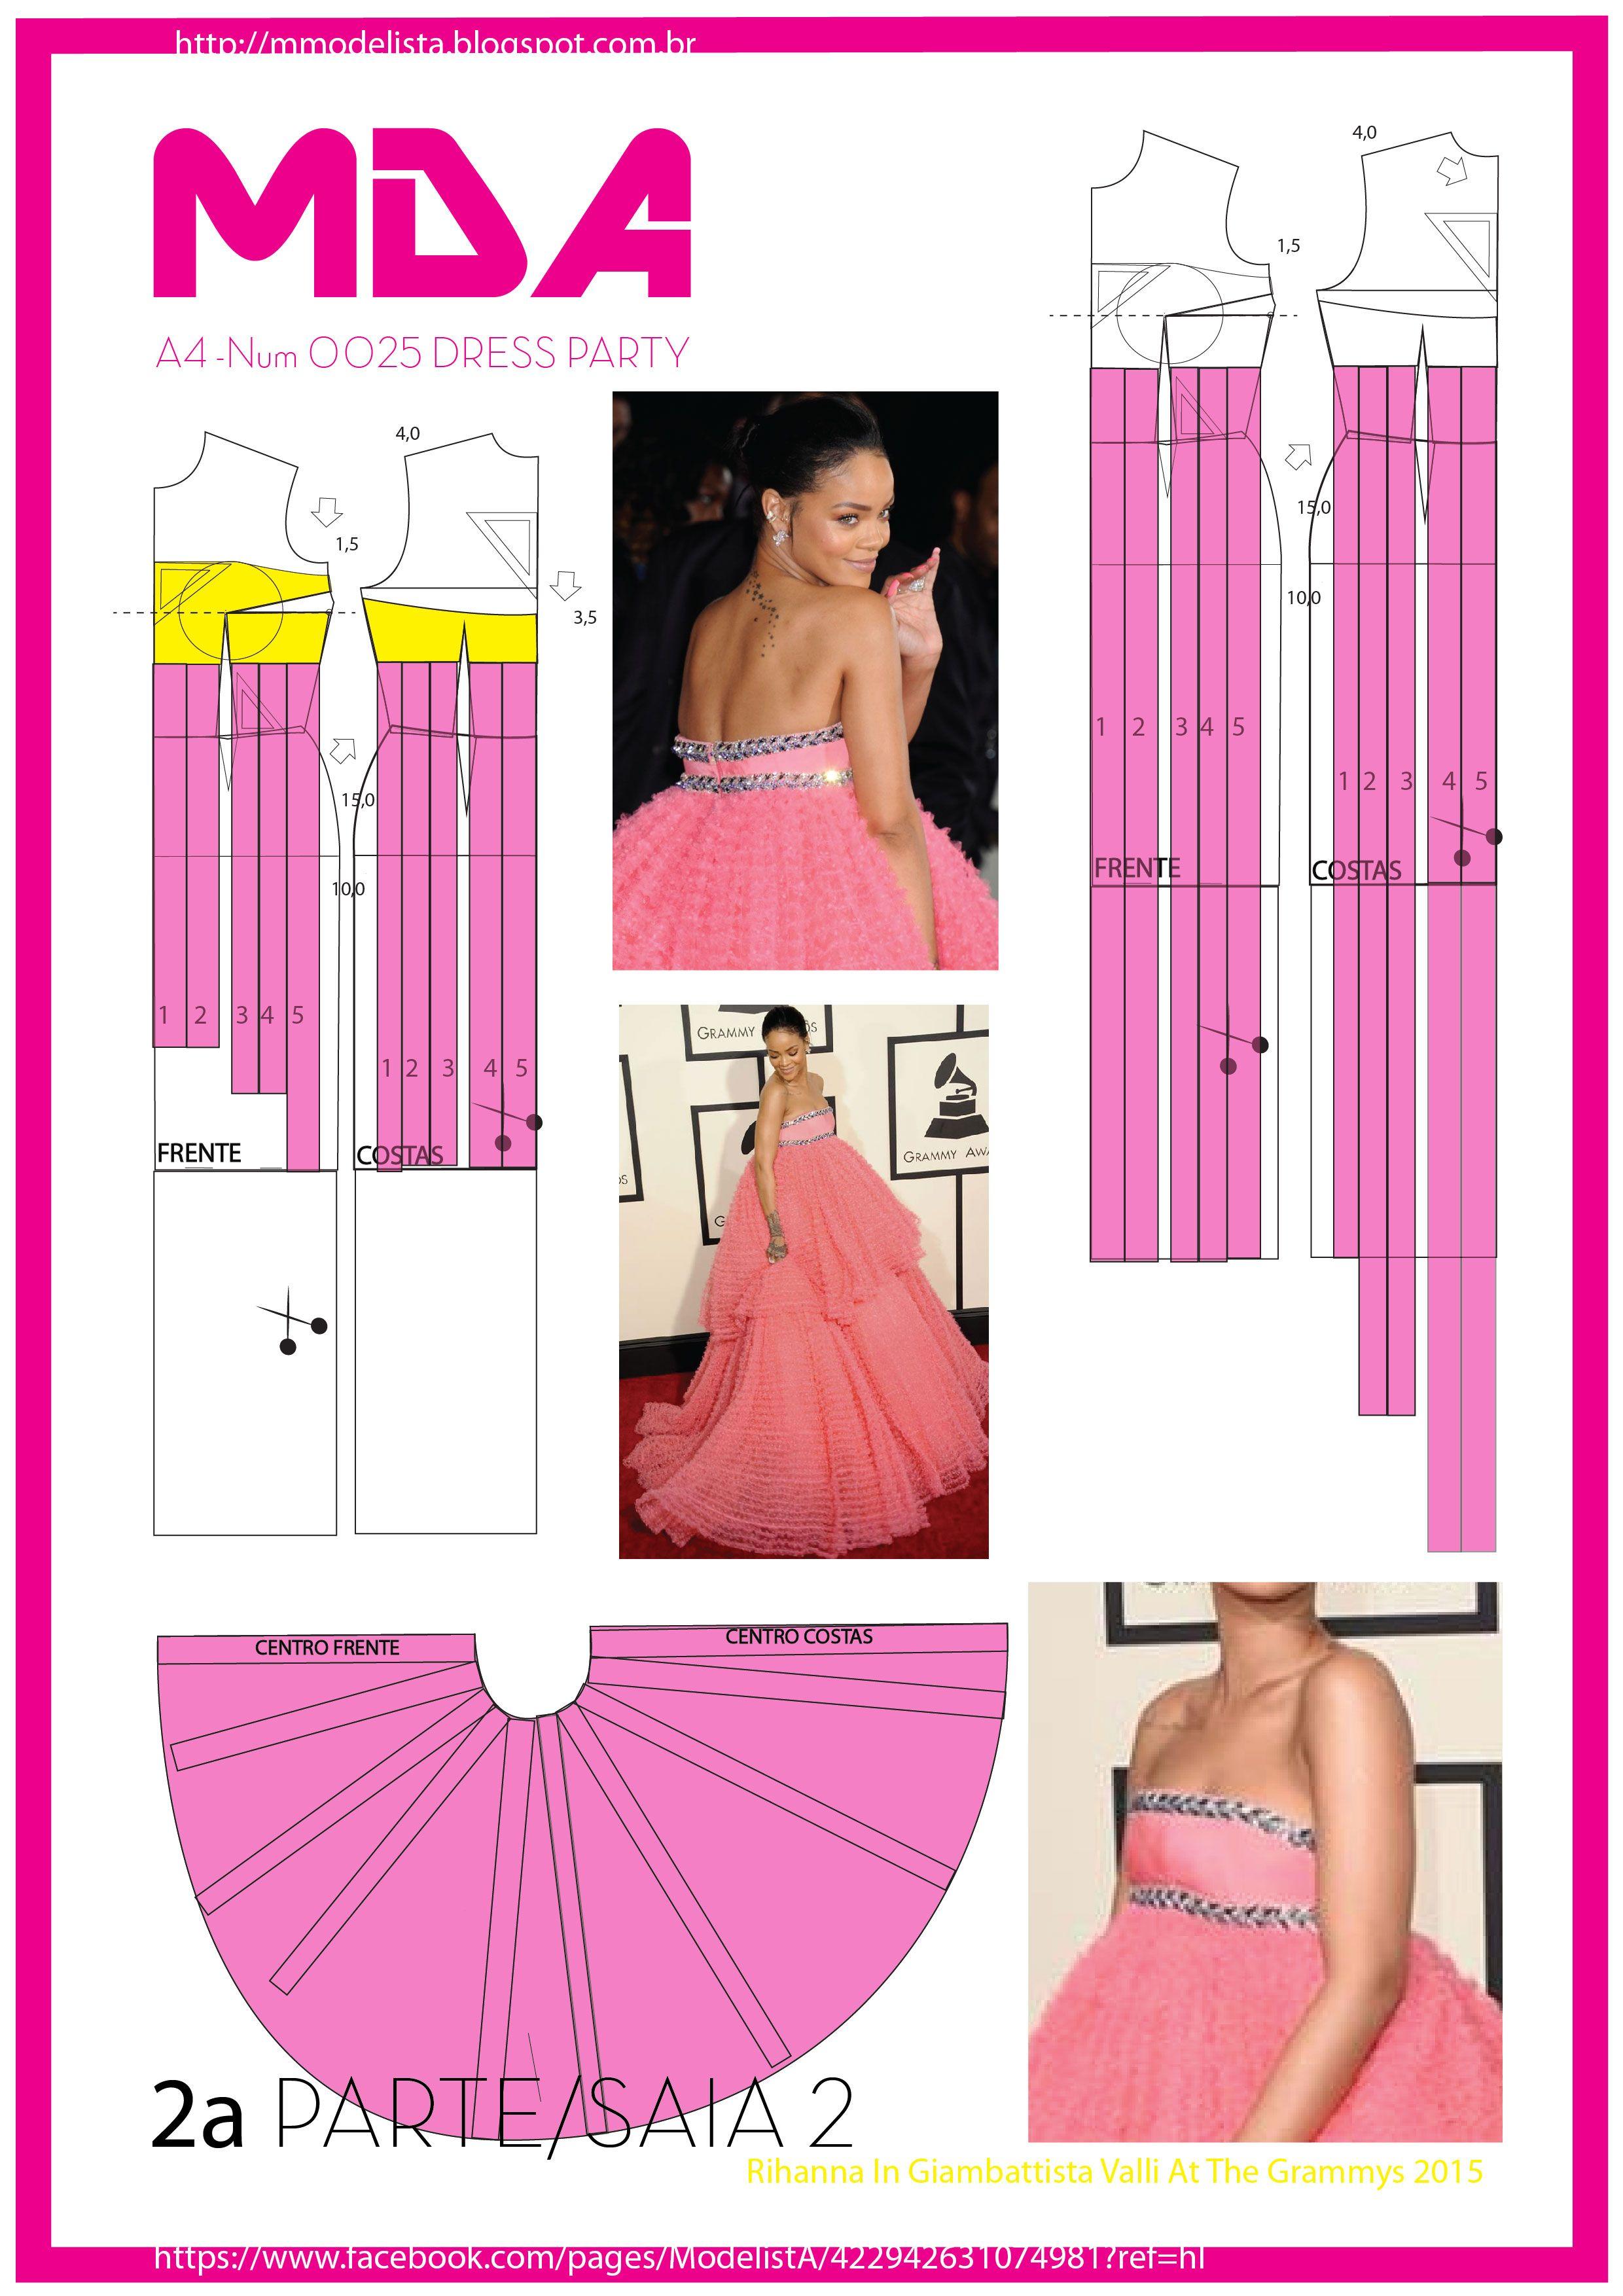 Vestidos | выкройки | Pinterest | Molde, Patrones y Patrones de vestidos